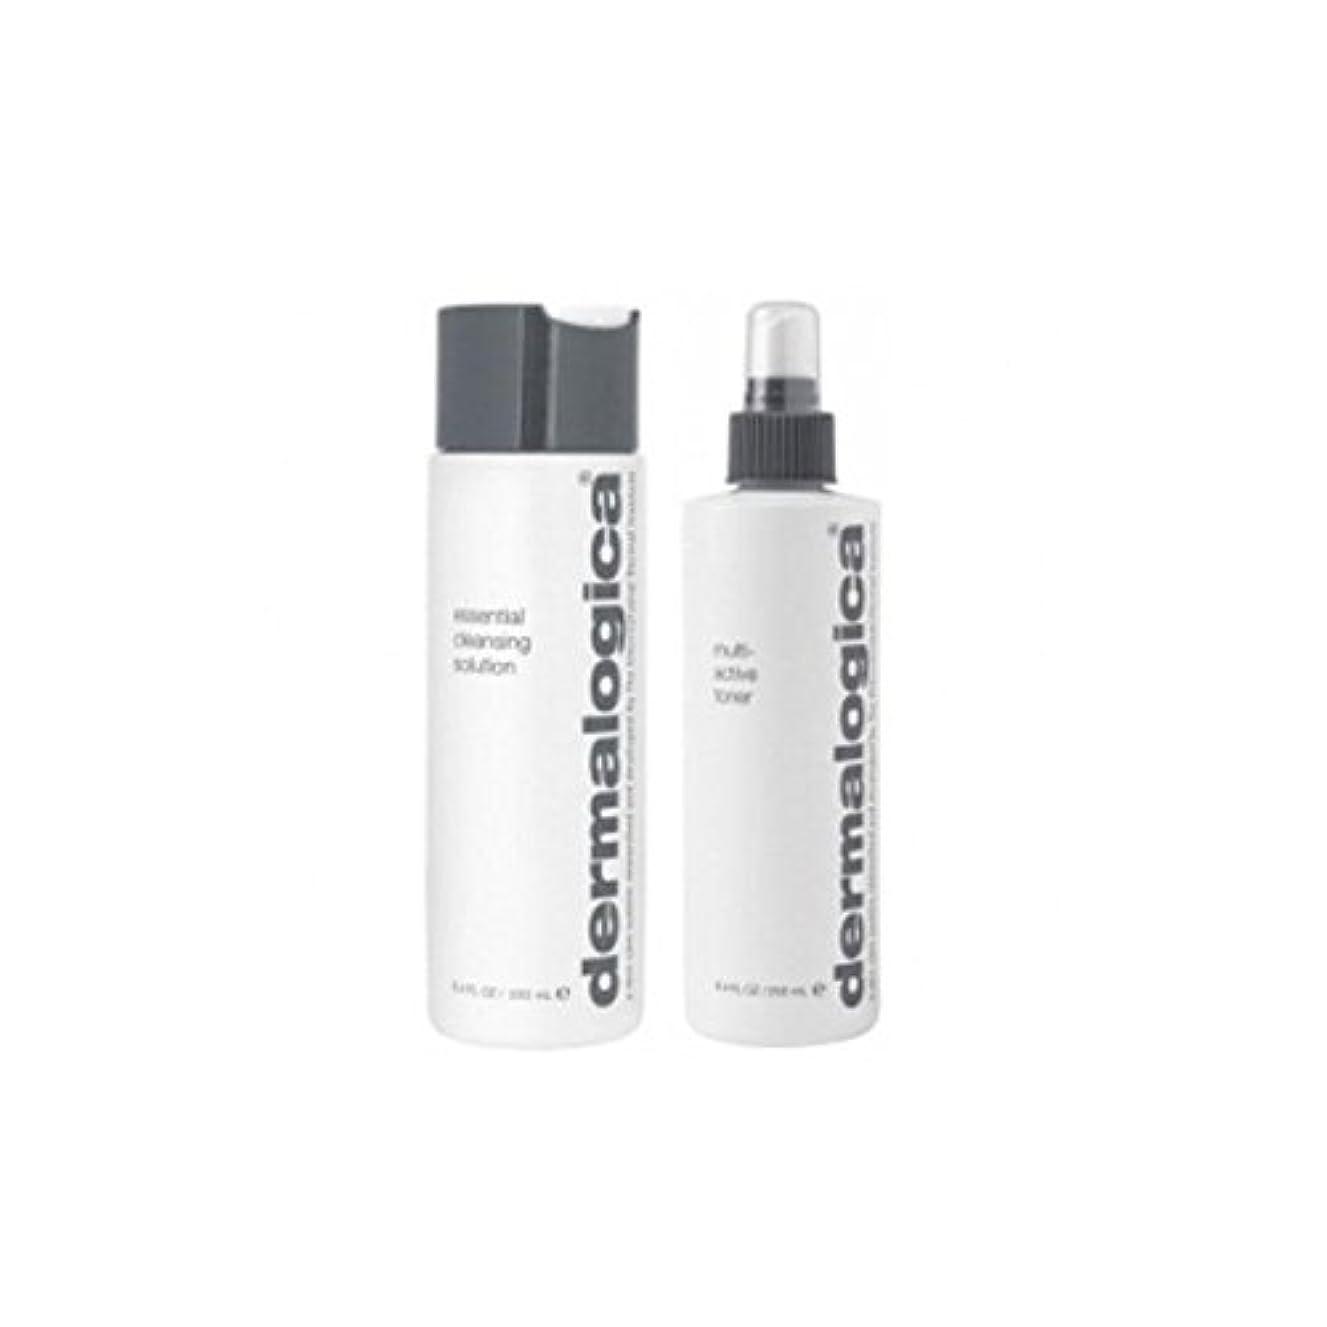 フィヨルド宣言する浸漬Dermalogica Cleanse & Tone Duo - Dry Skin - ダーマロジカクレンジング&トーンデュオ - 乾燥肌 [並行輸入品]